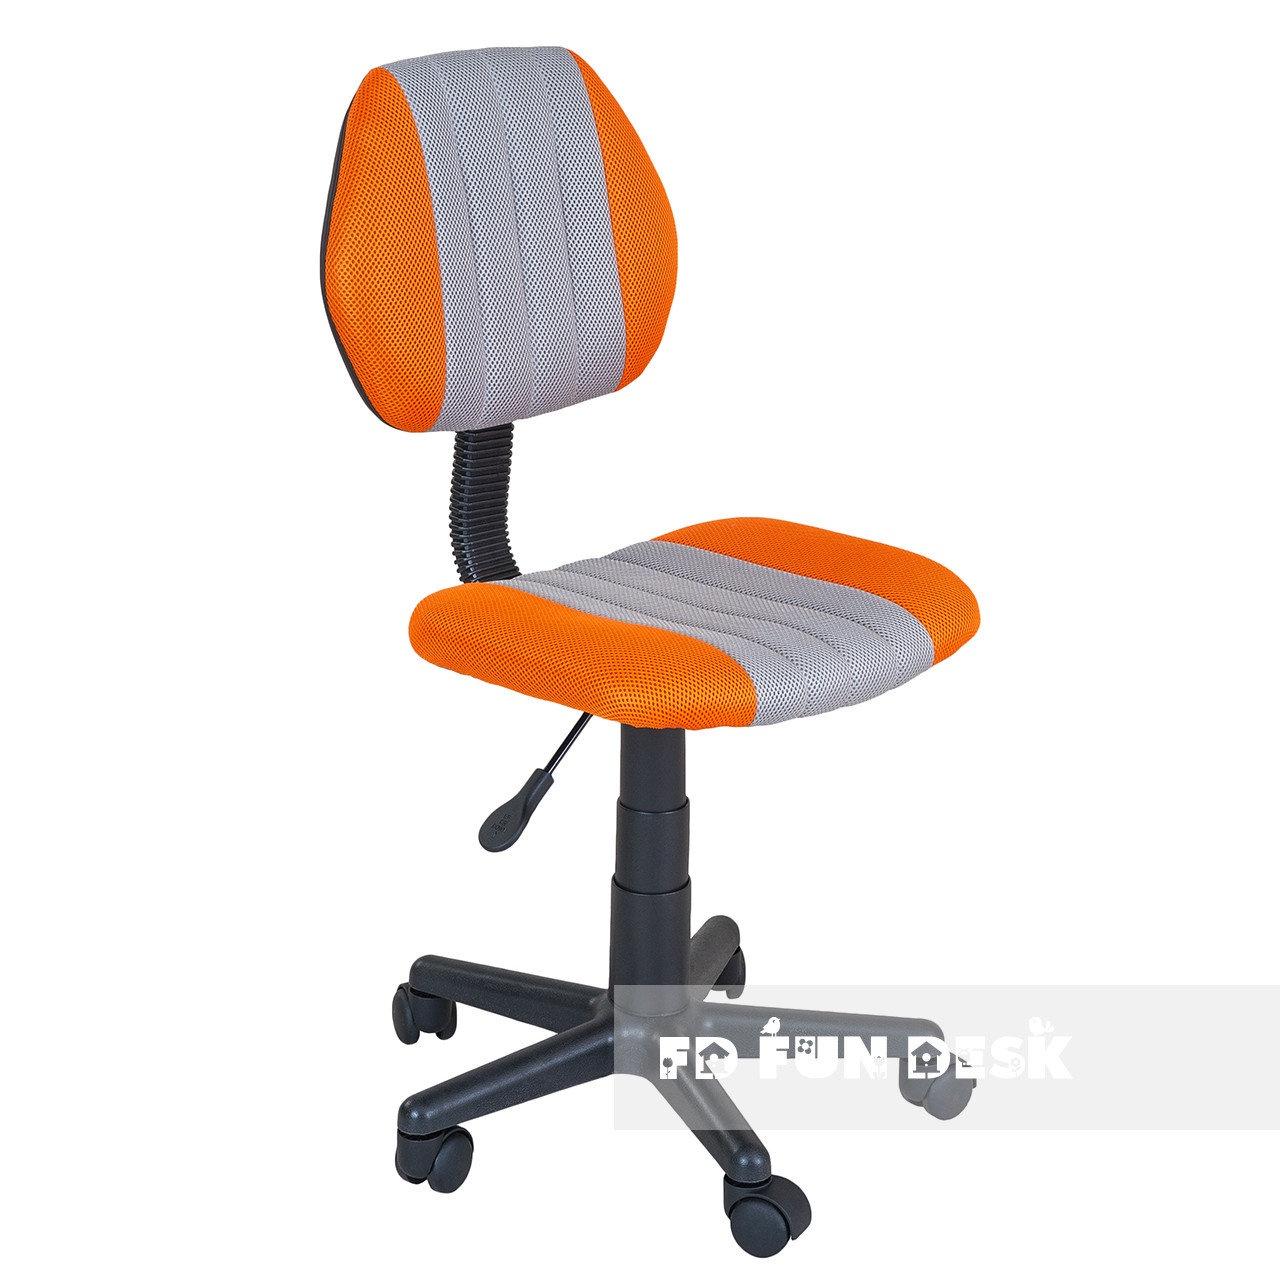 Кресло детское FUNDESK LST4, оранжевый детское компьютерное кресло fundesk lst4